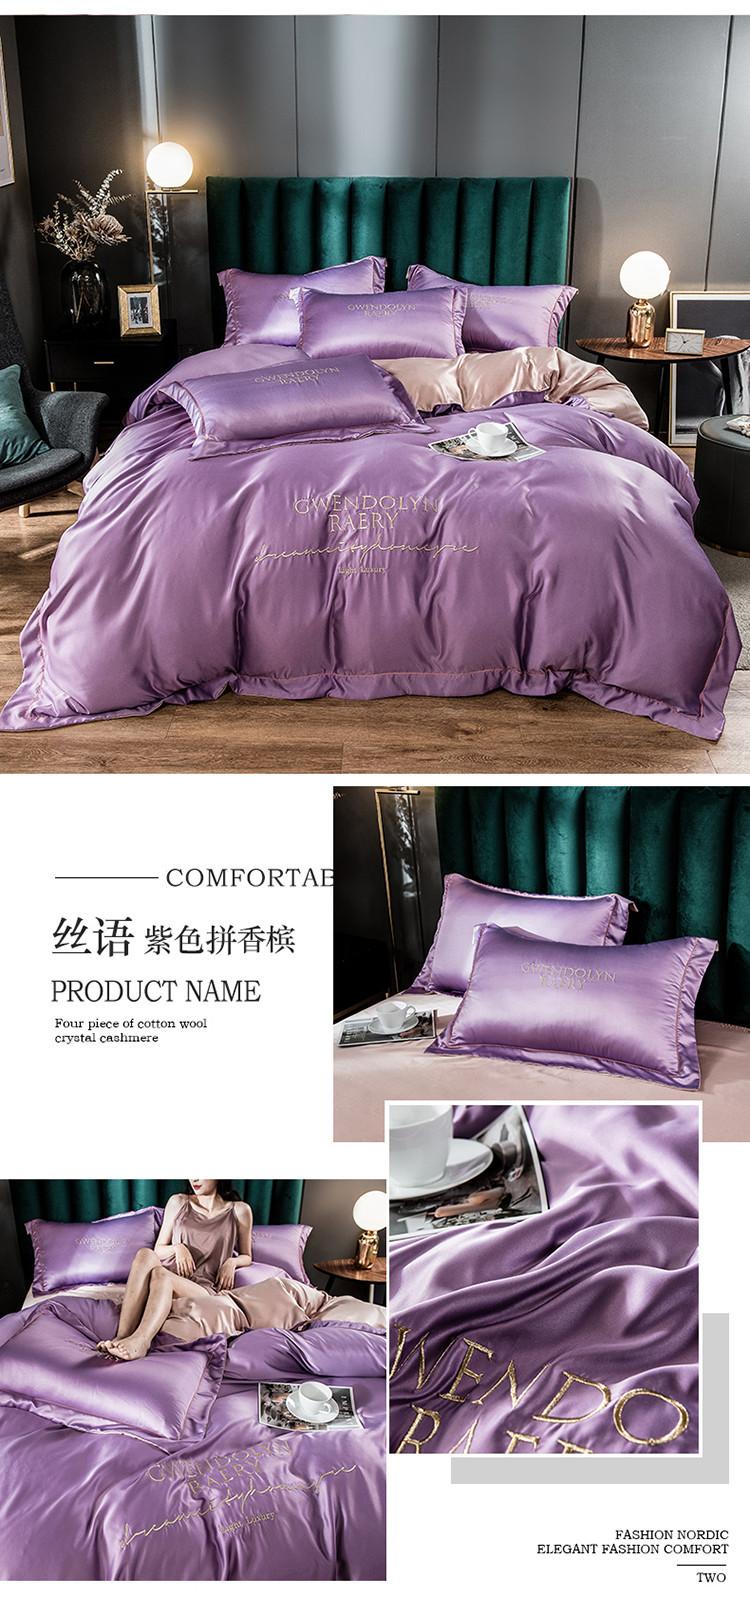 丝语  紫色拼香槟.jpg